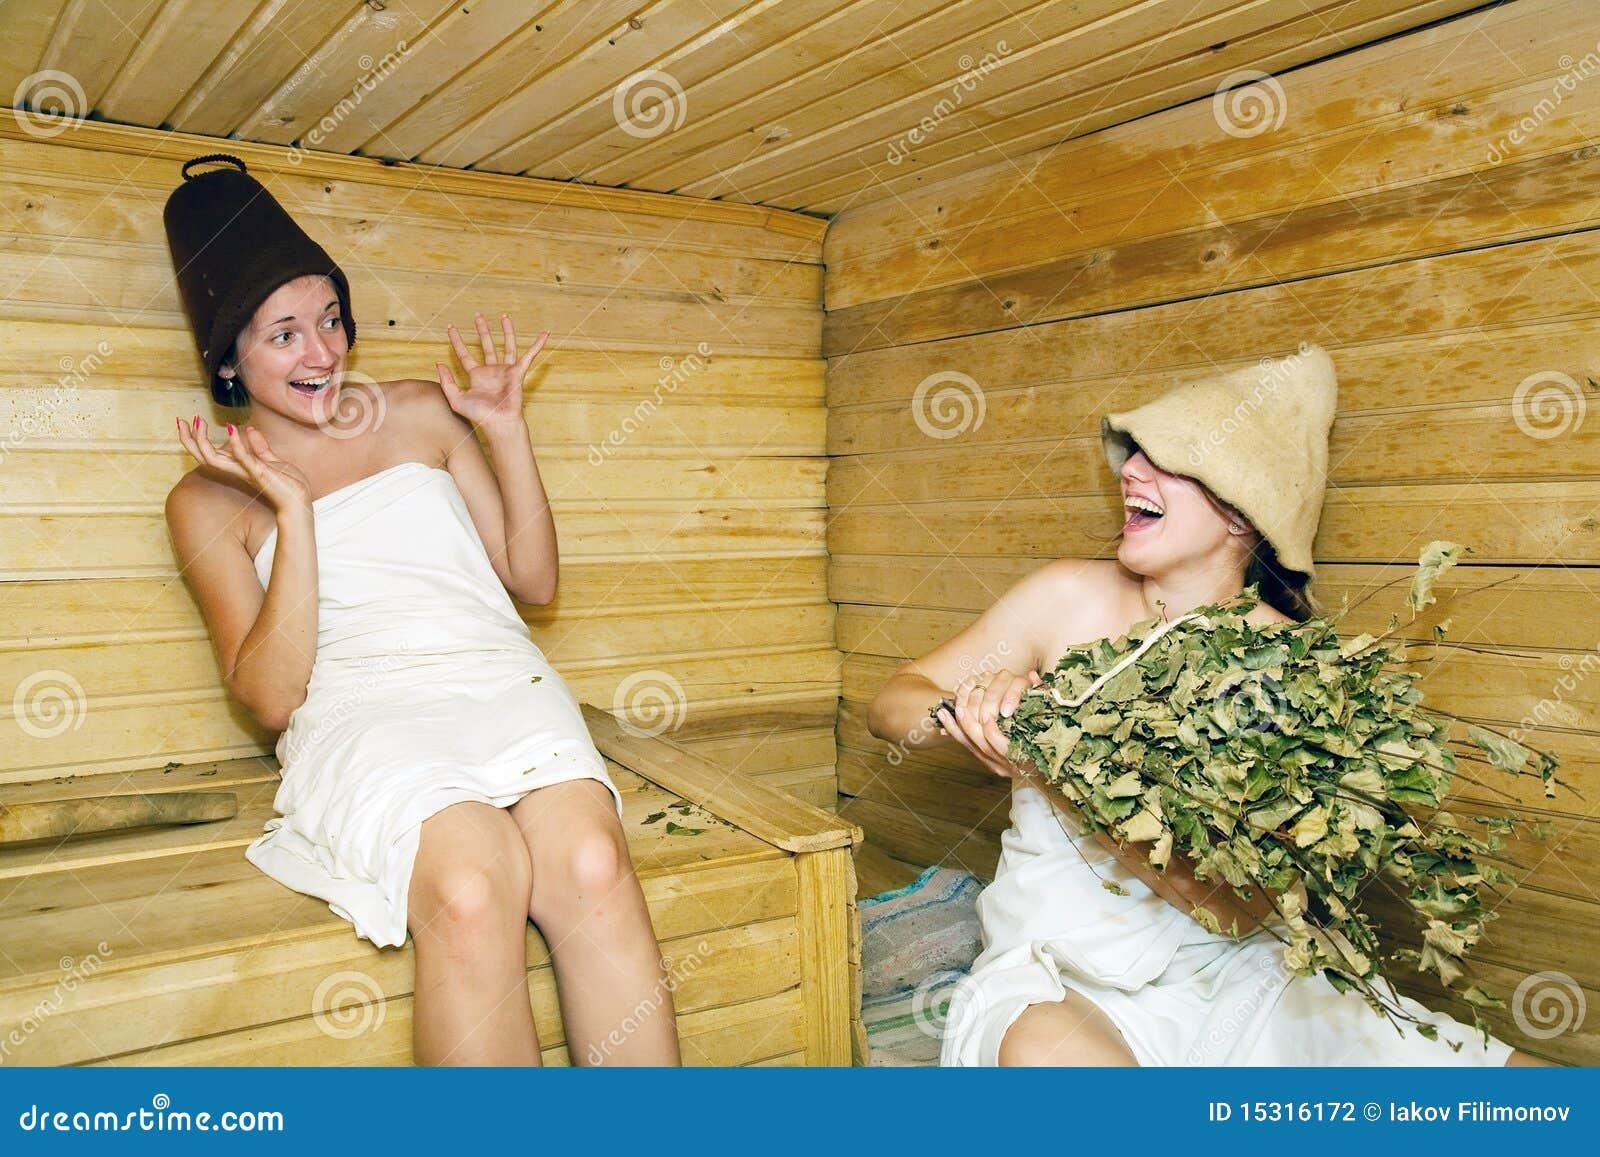 Фото парень и девушки в сауне 20 фотография